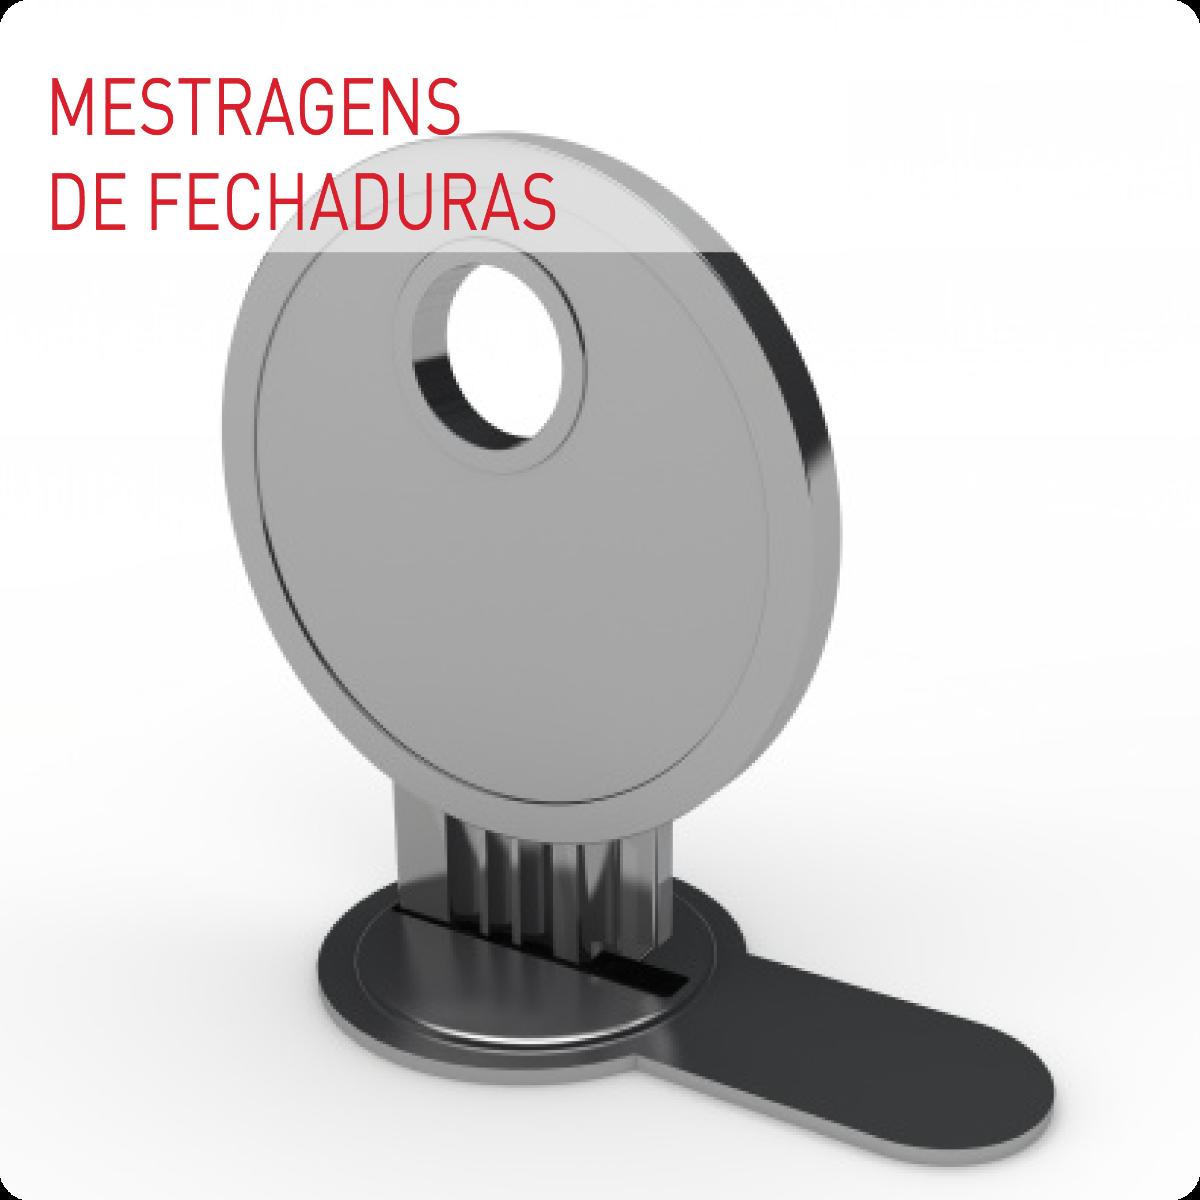 Mestragens